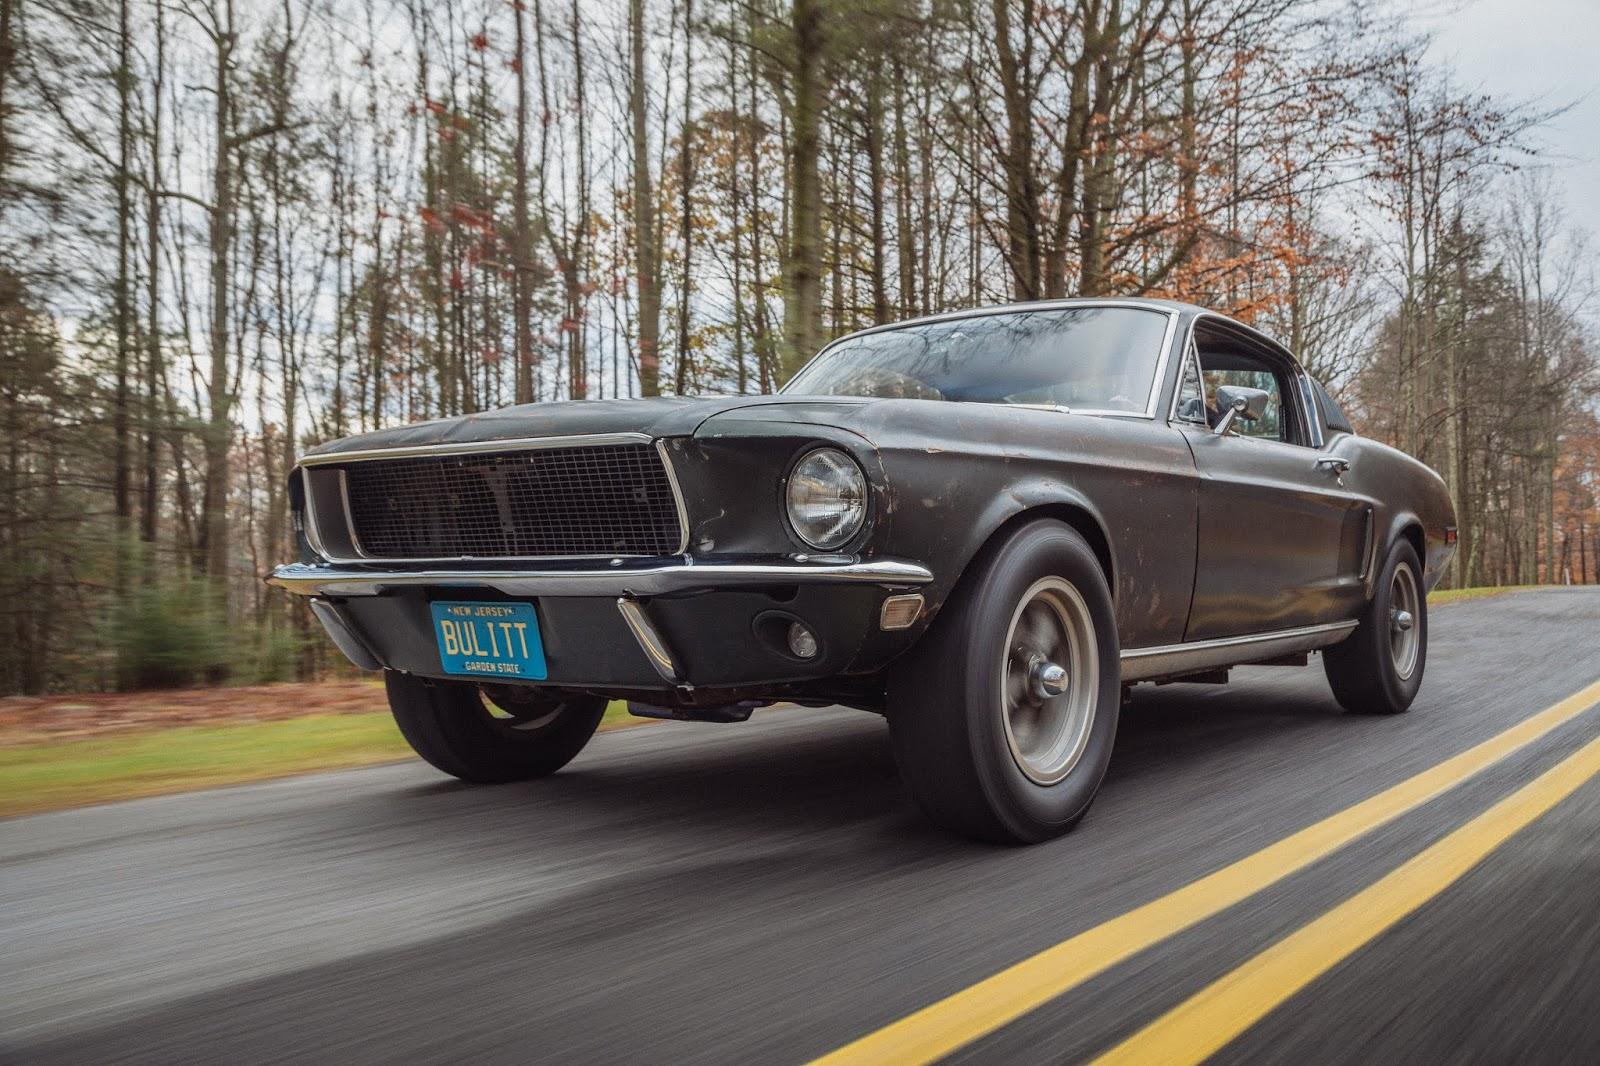 Q8 Sean driving Bullitt 3 1 Πώς γιορτάζει η Mustang τα 55 της χρόνια;